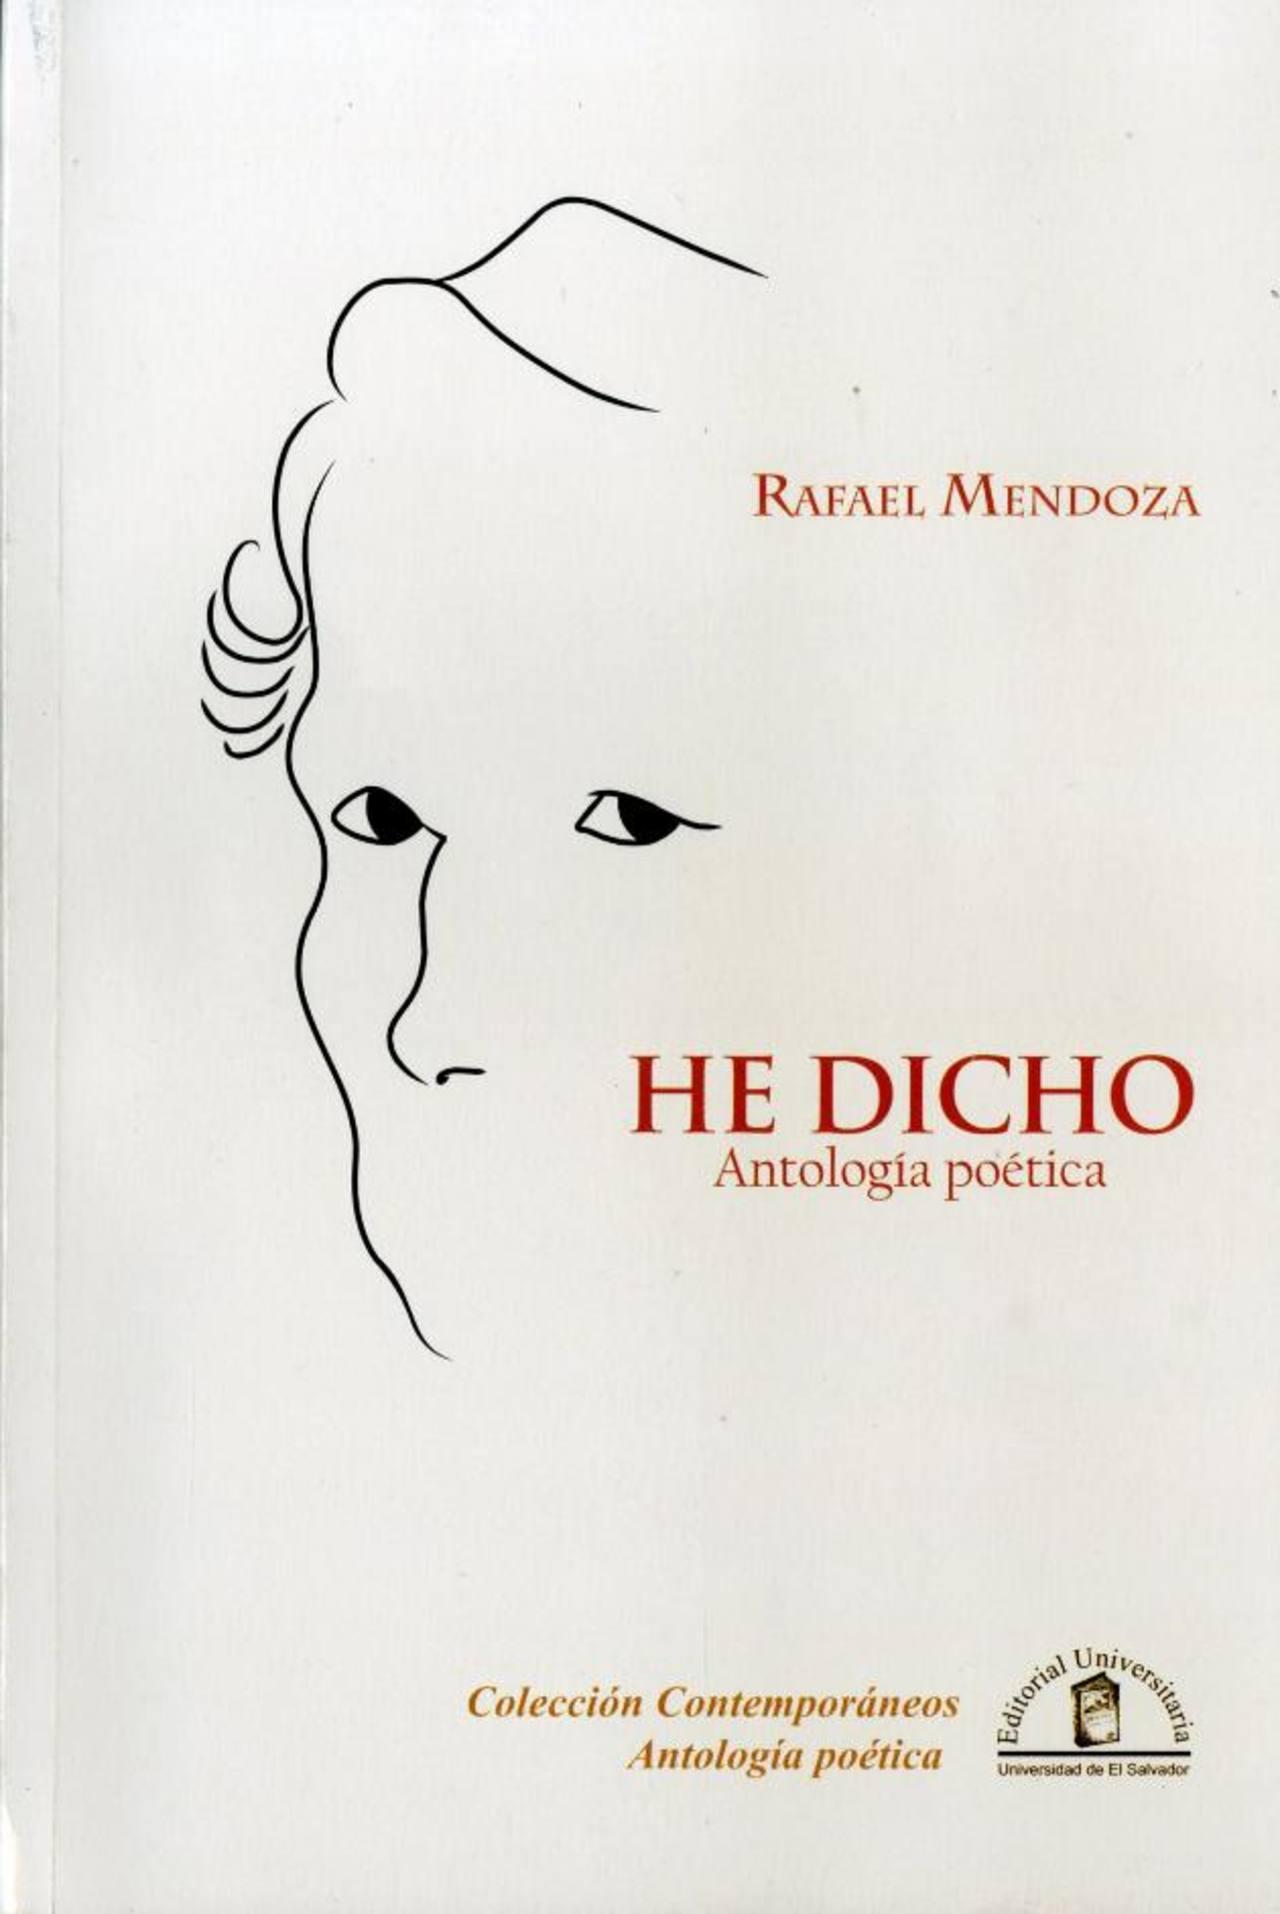 La antología del poeta puede encontrarse en la librería de la Universidad de El Salvador. Fotografía de El Diario de Hoy.